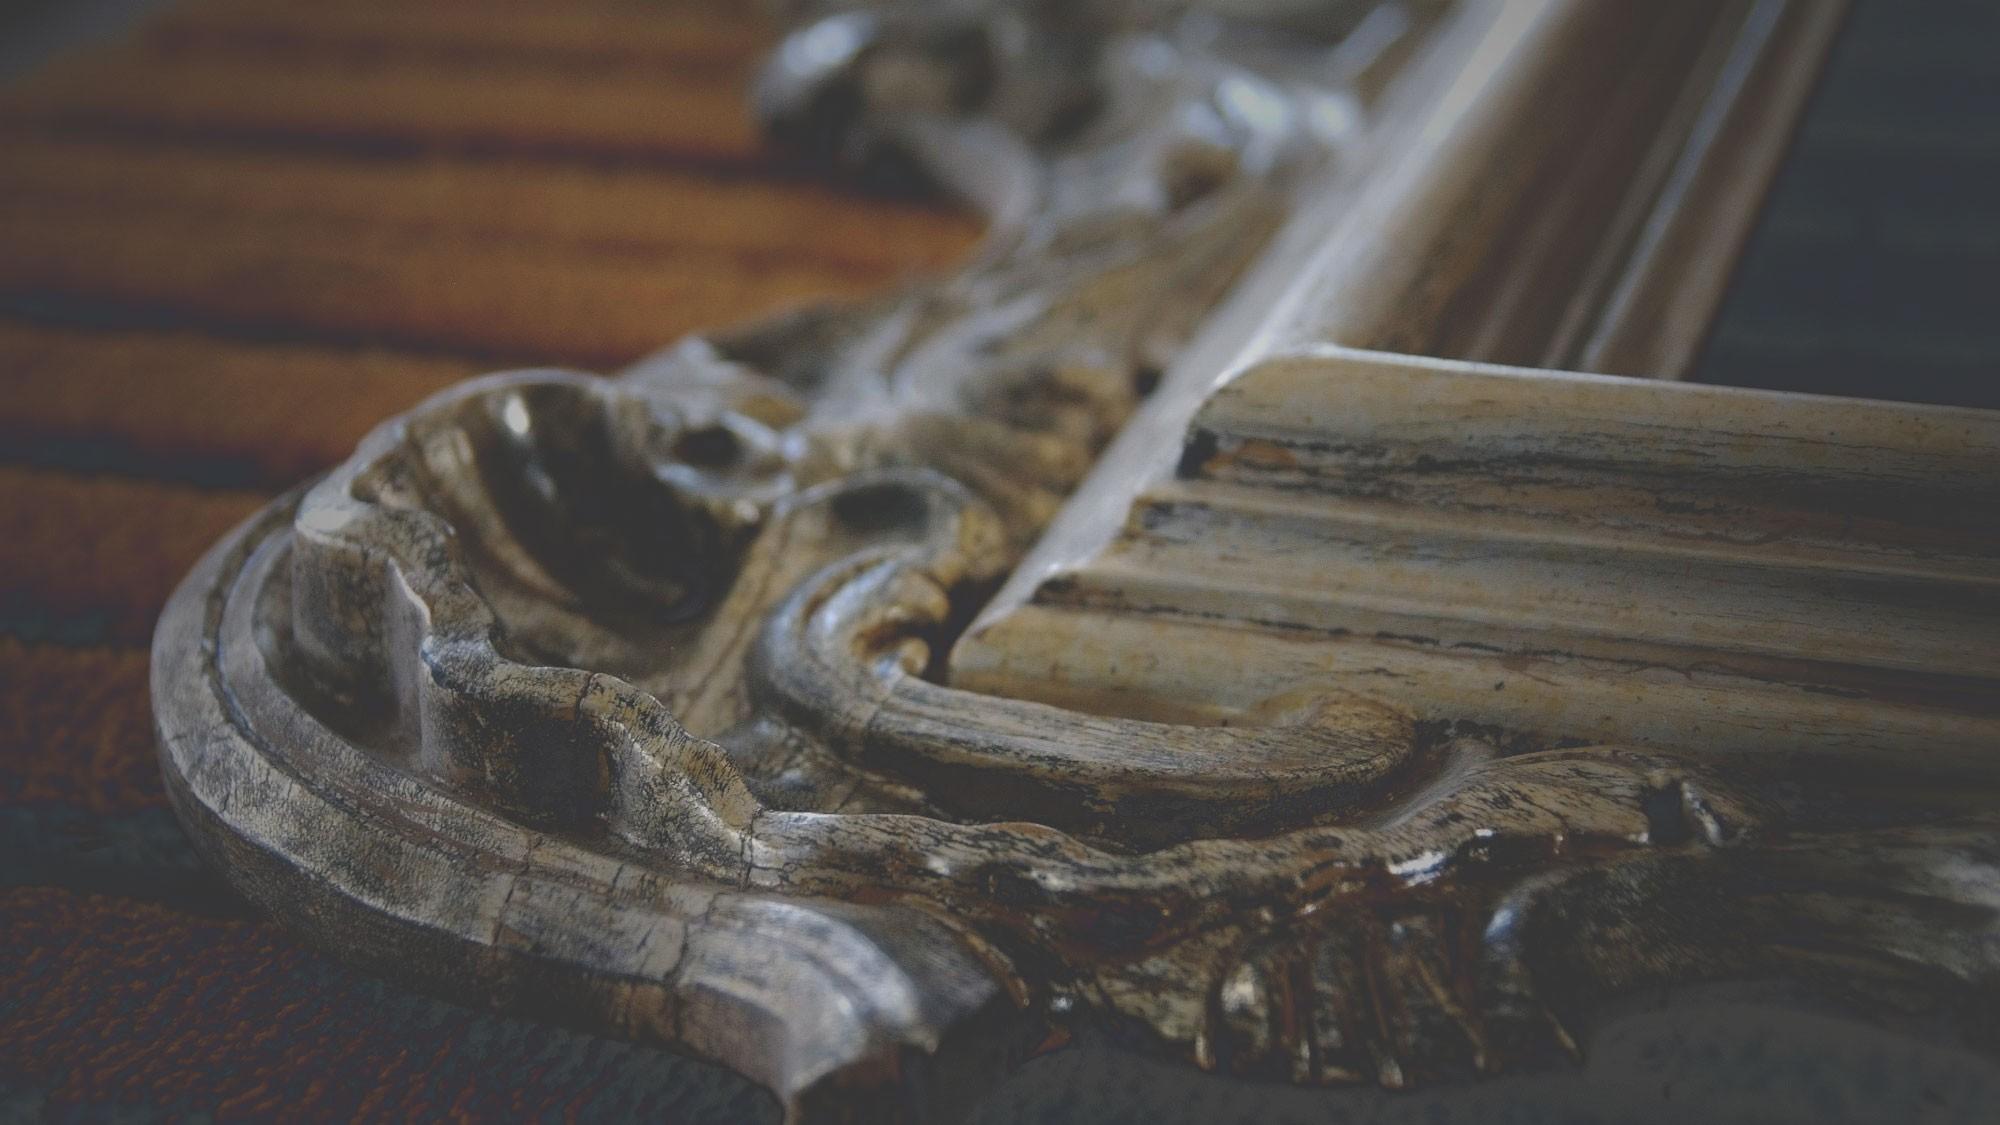 Restauració i reproducció de mobles antics